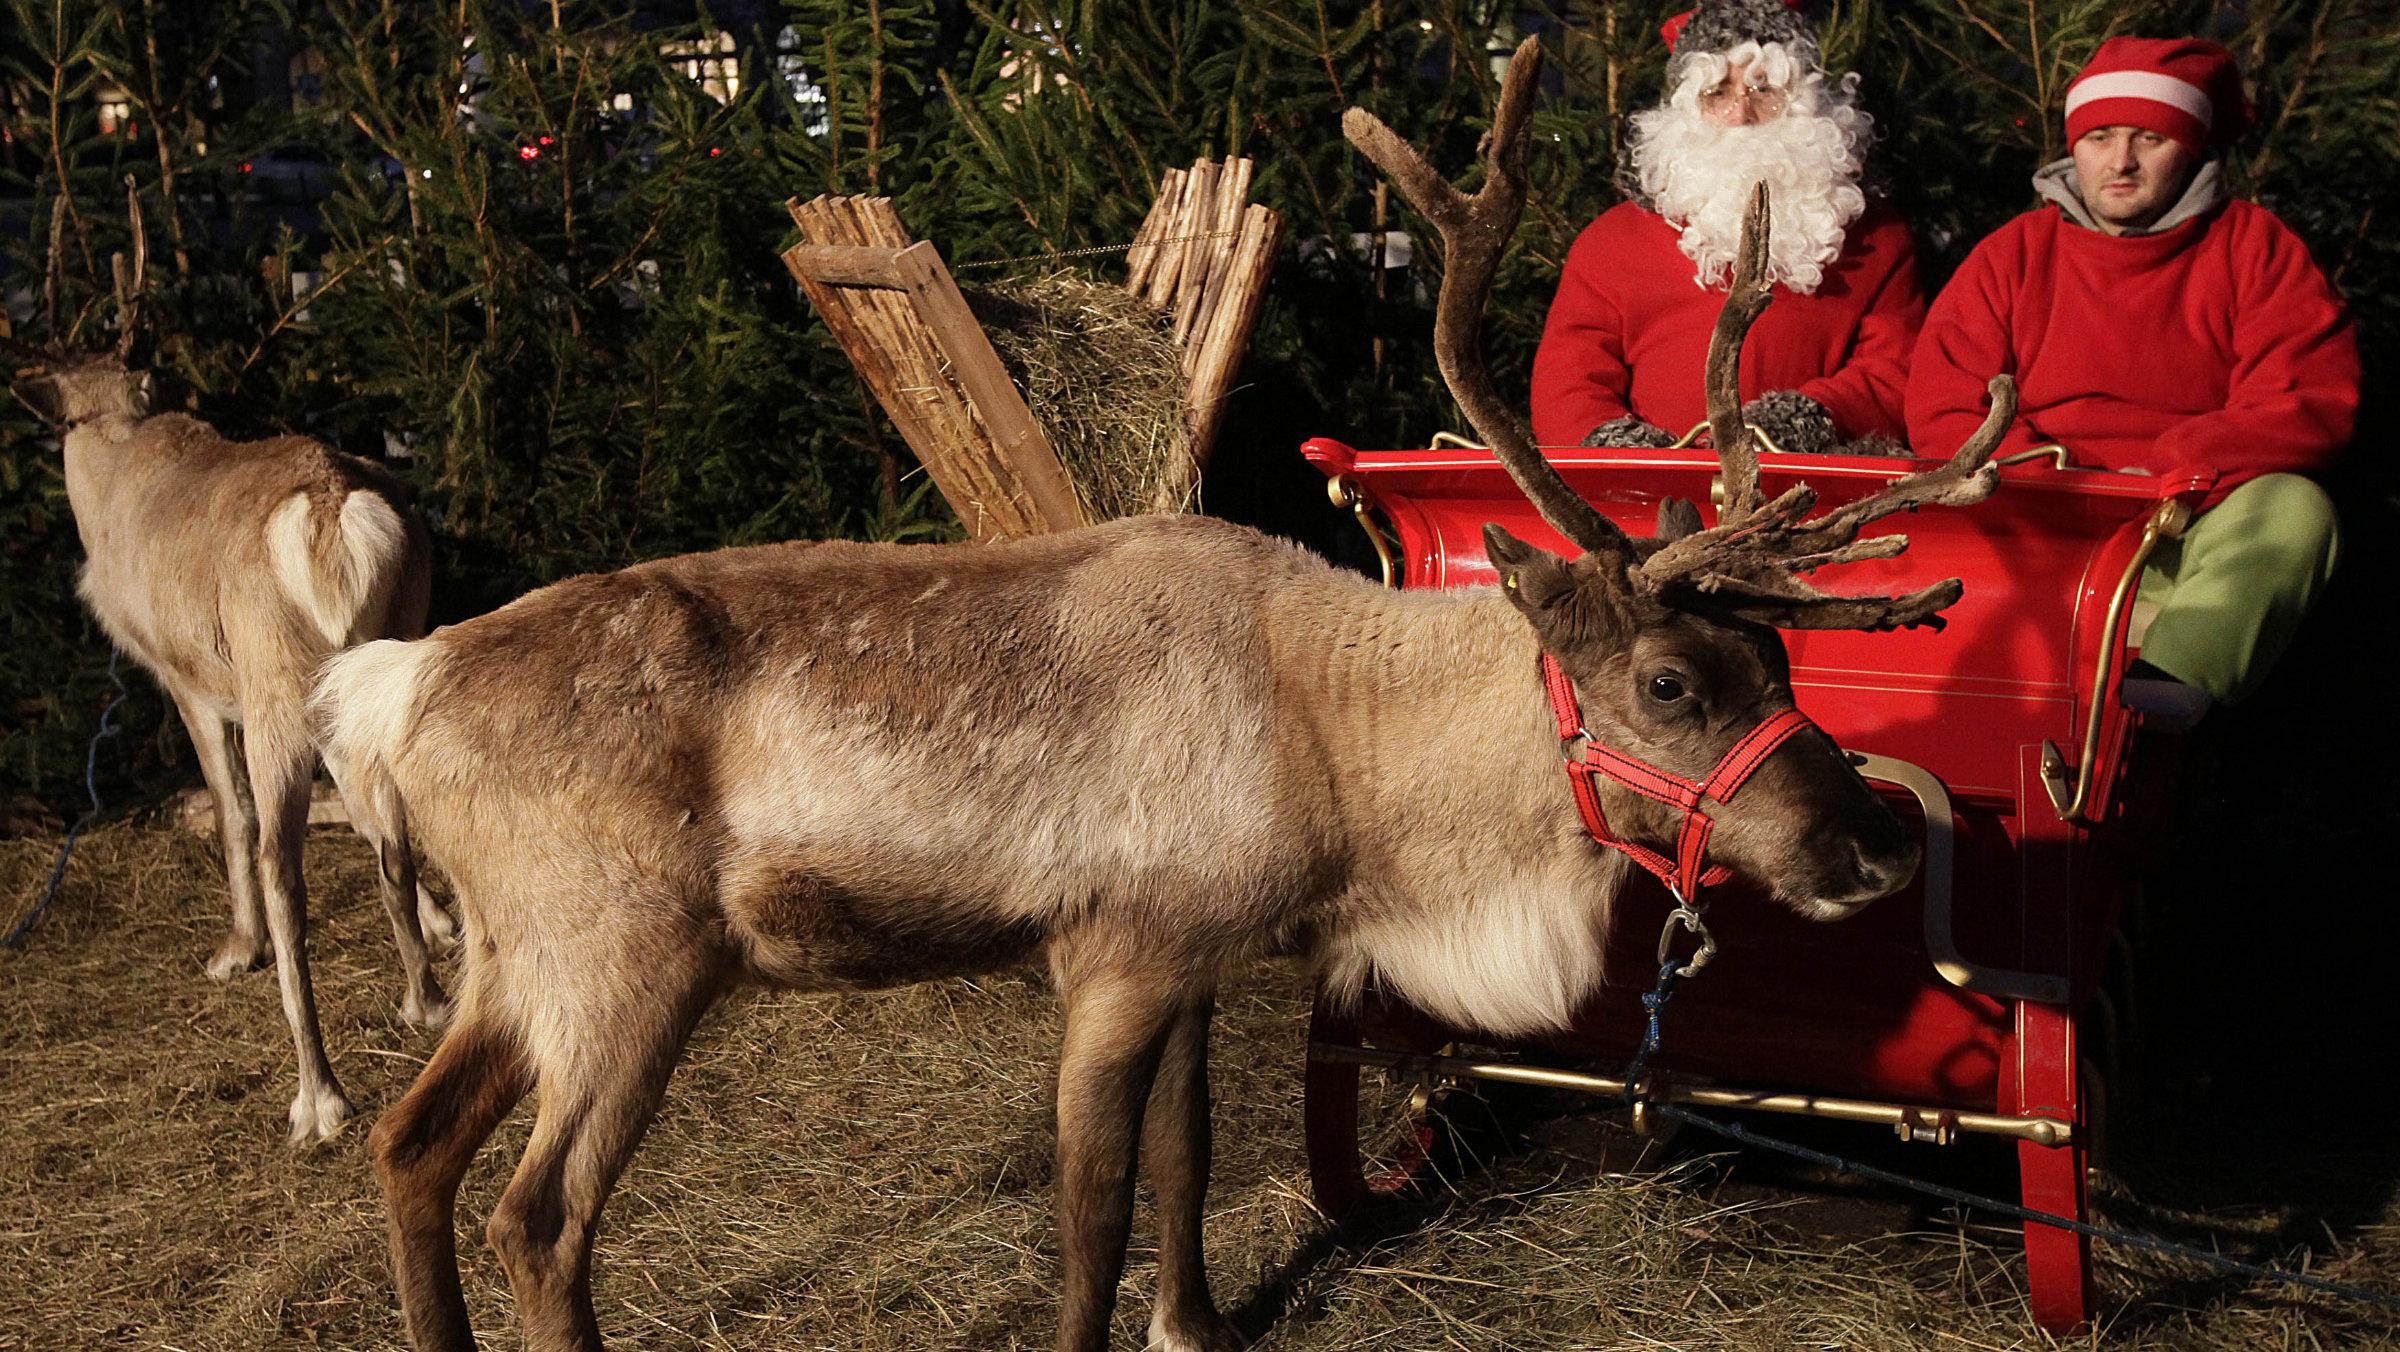 reindeer AP Photo Czarek Sokolowski